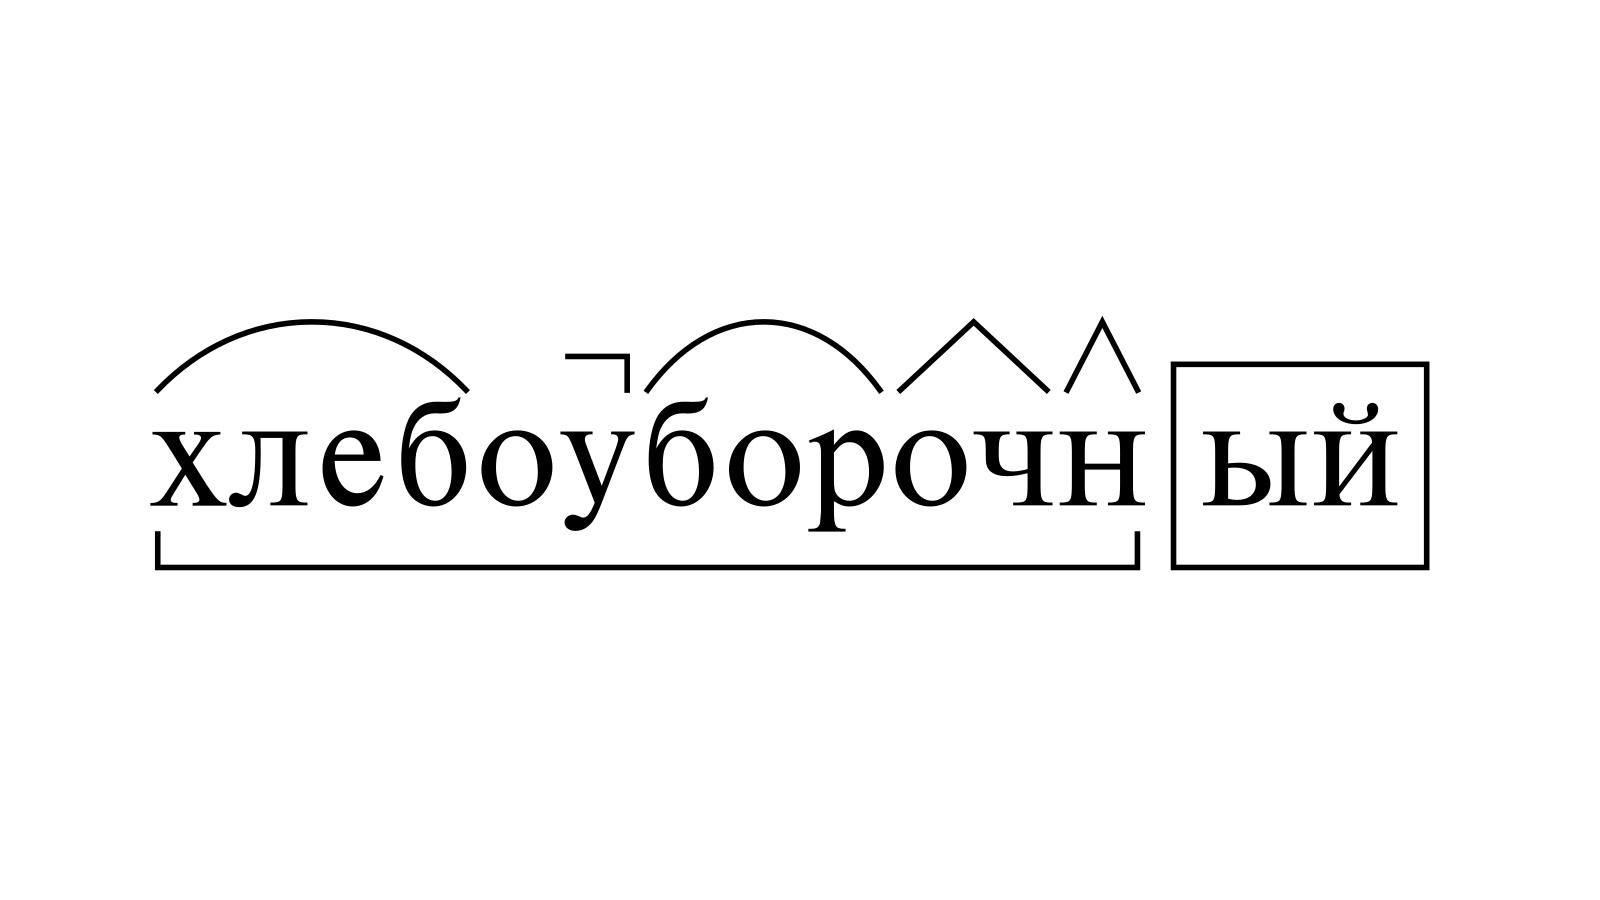 Разбор слова «хлебоуборочный» по составу